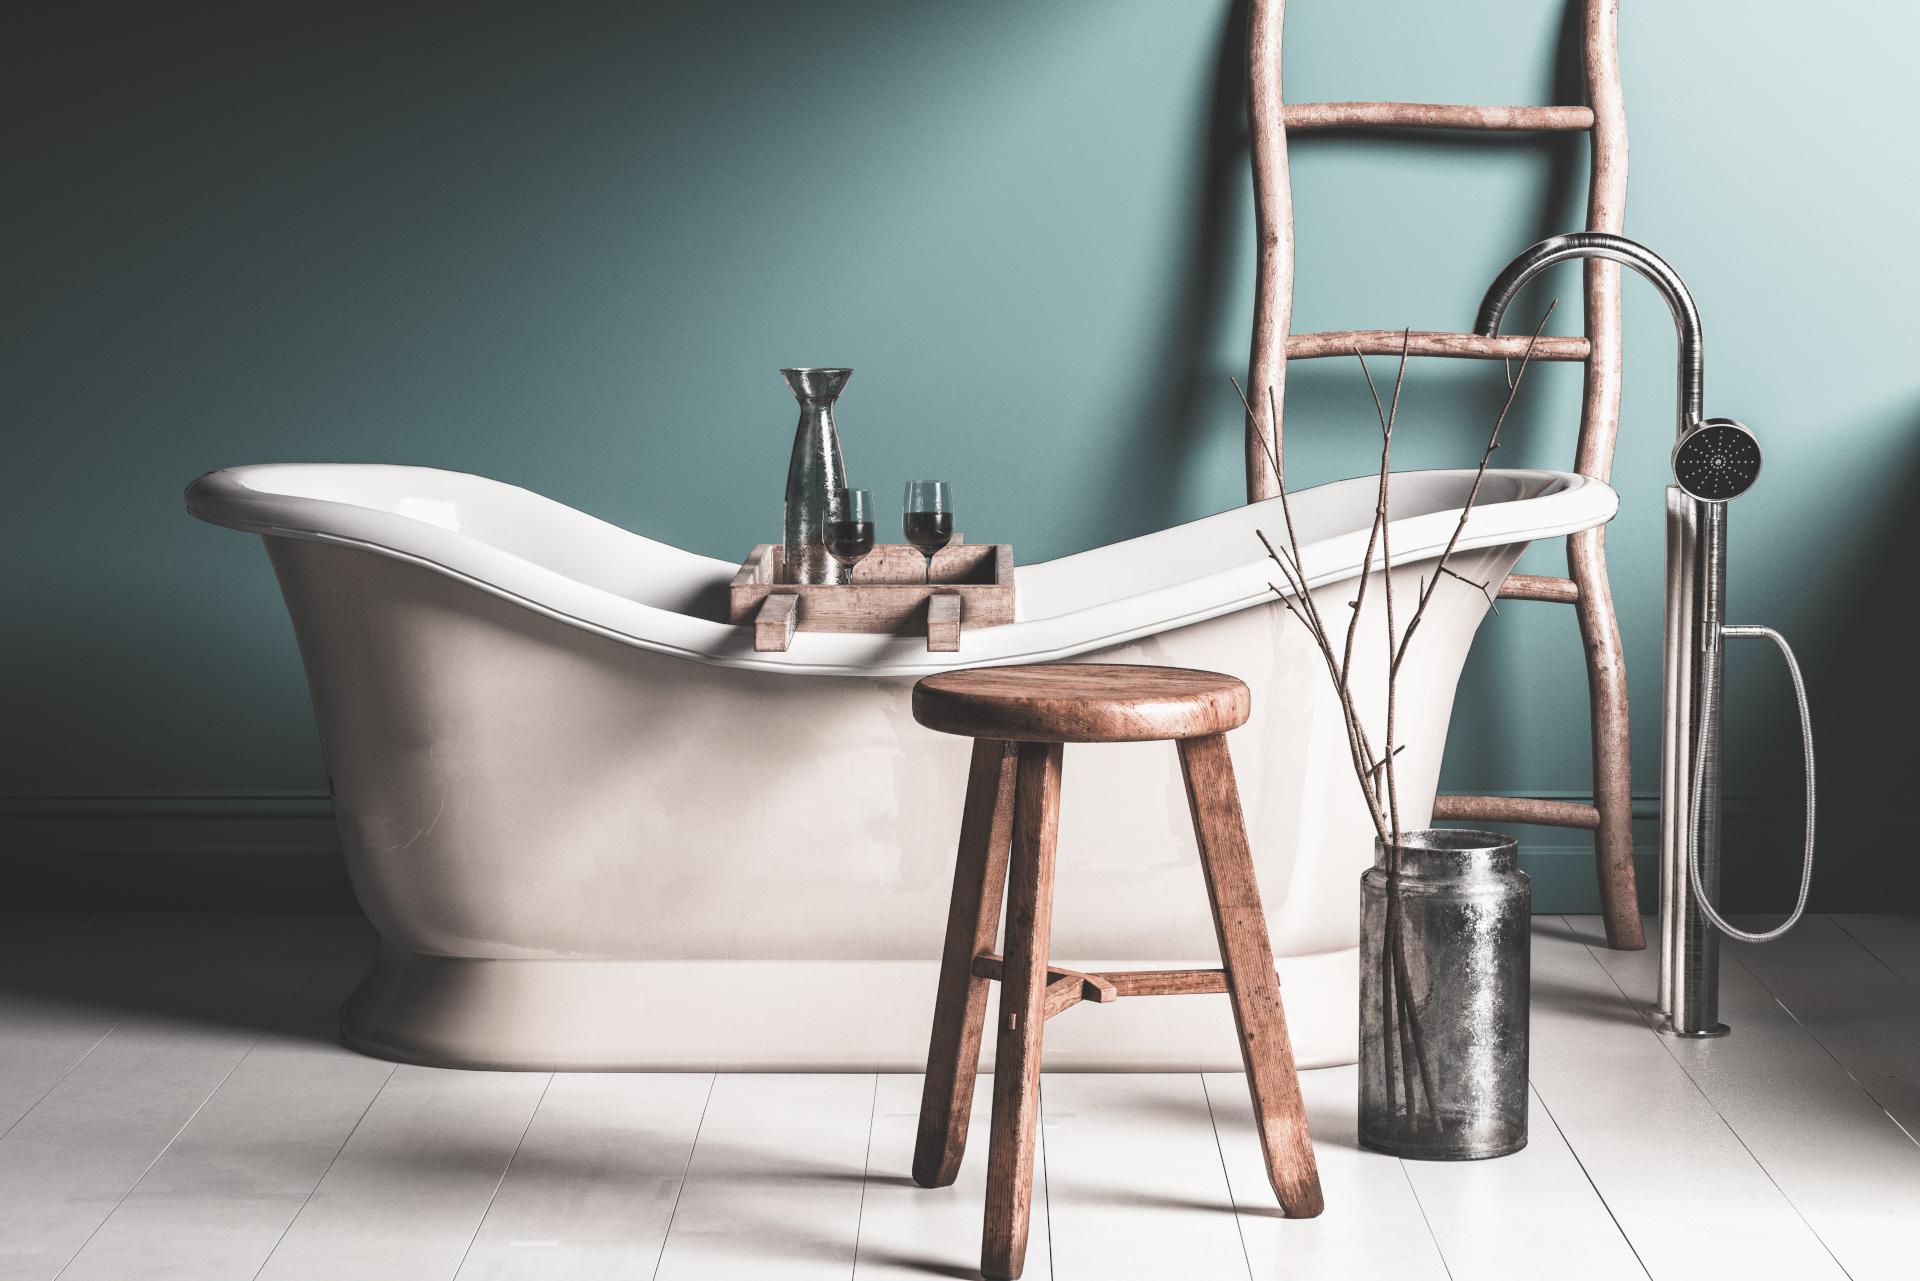 Bathroom in sydney